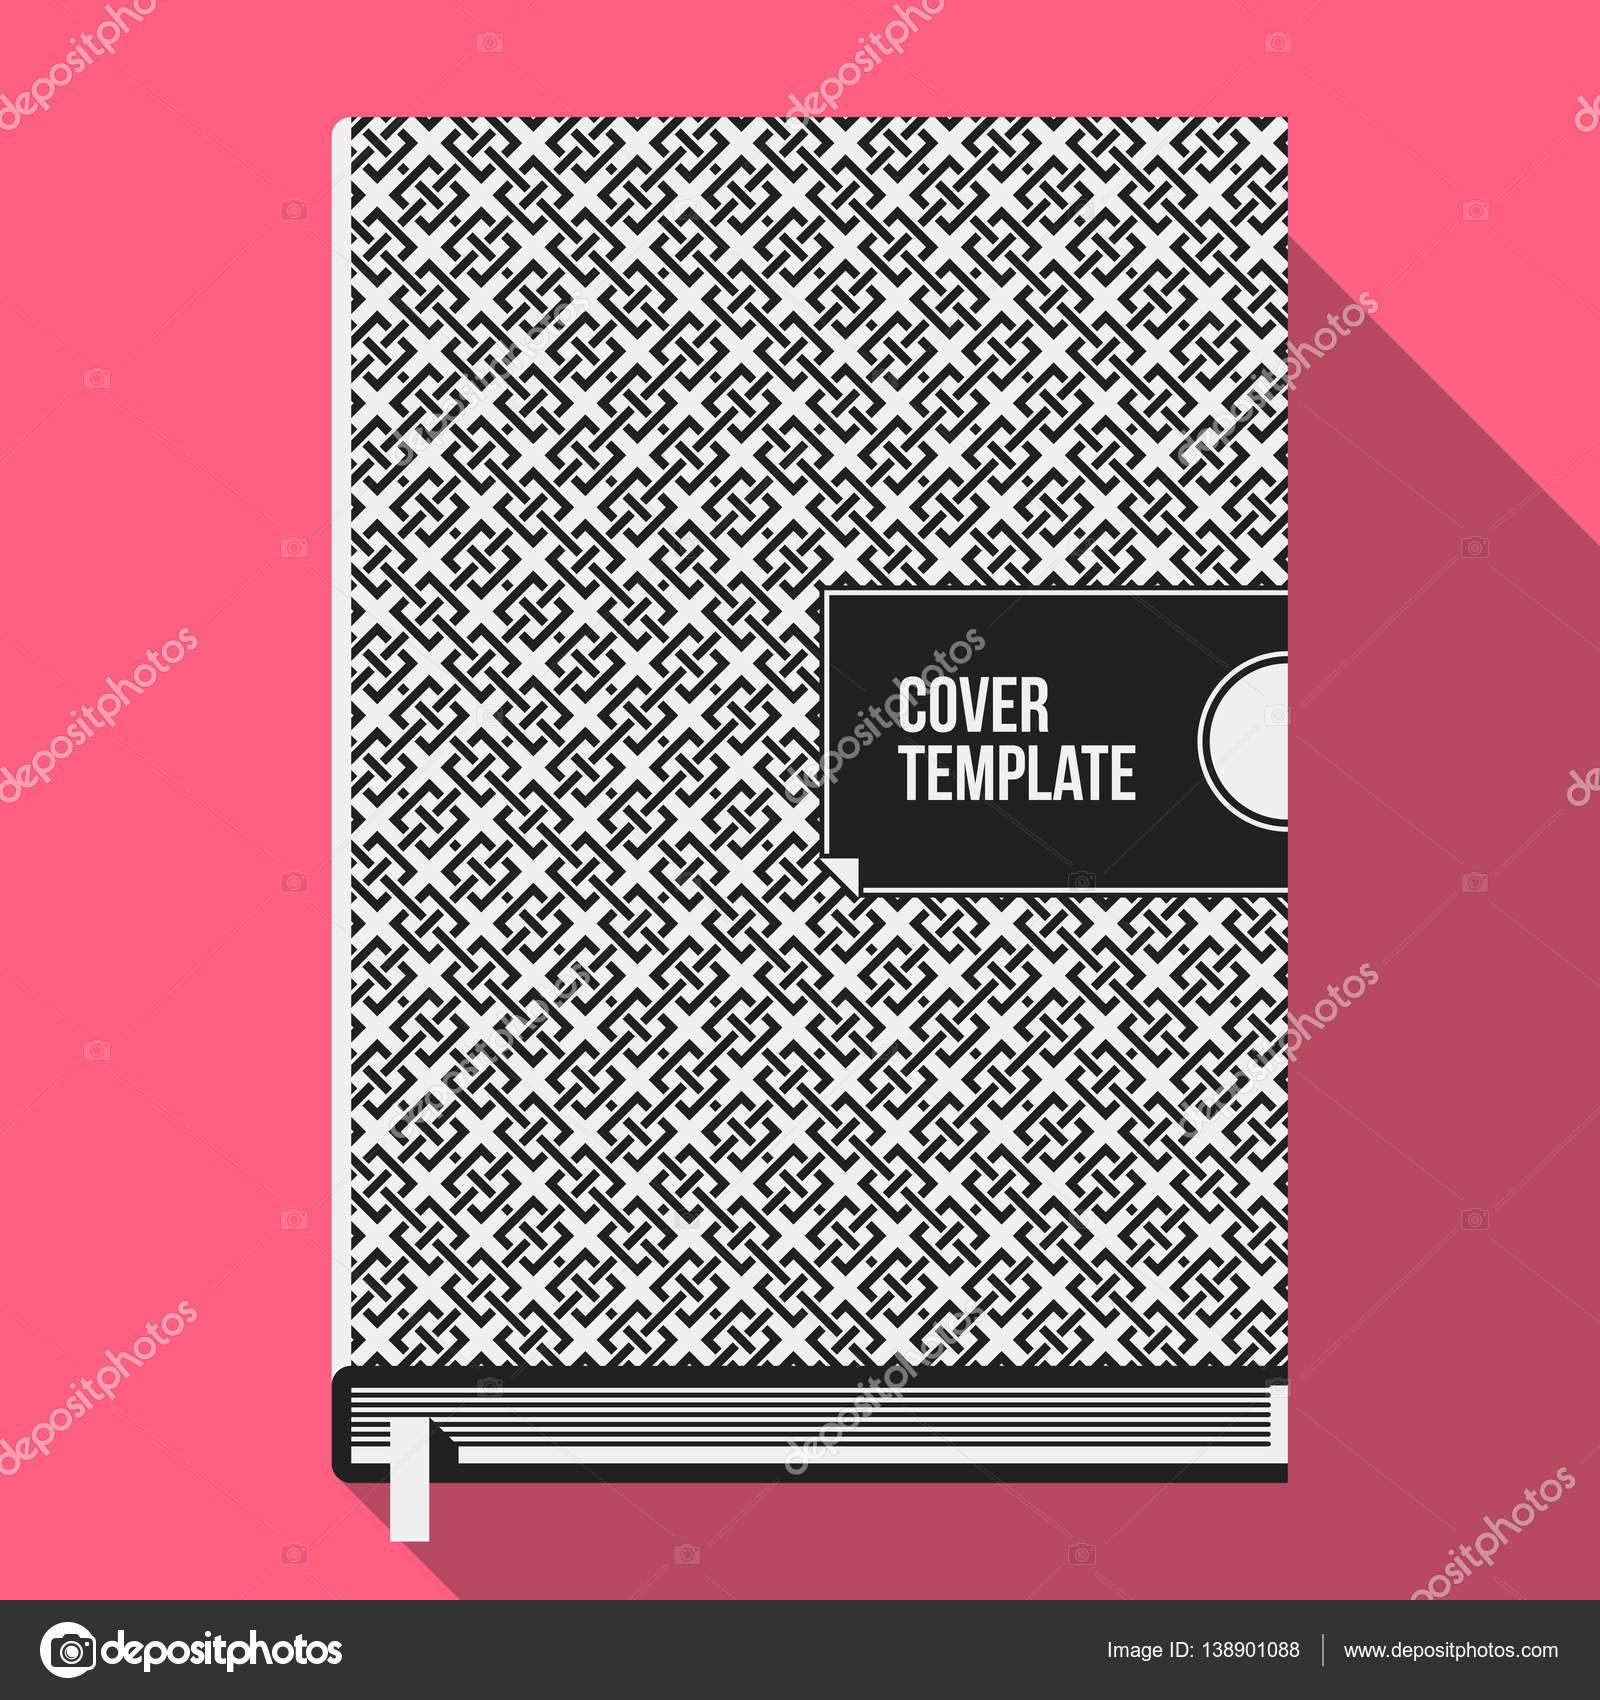 Buch Cover-Design-Vorlage mit monochrome geometrische Muster ...